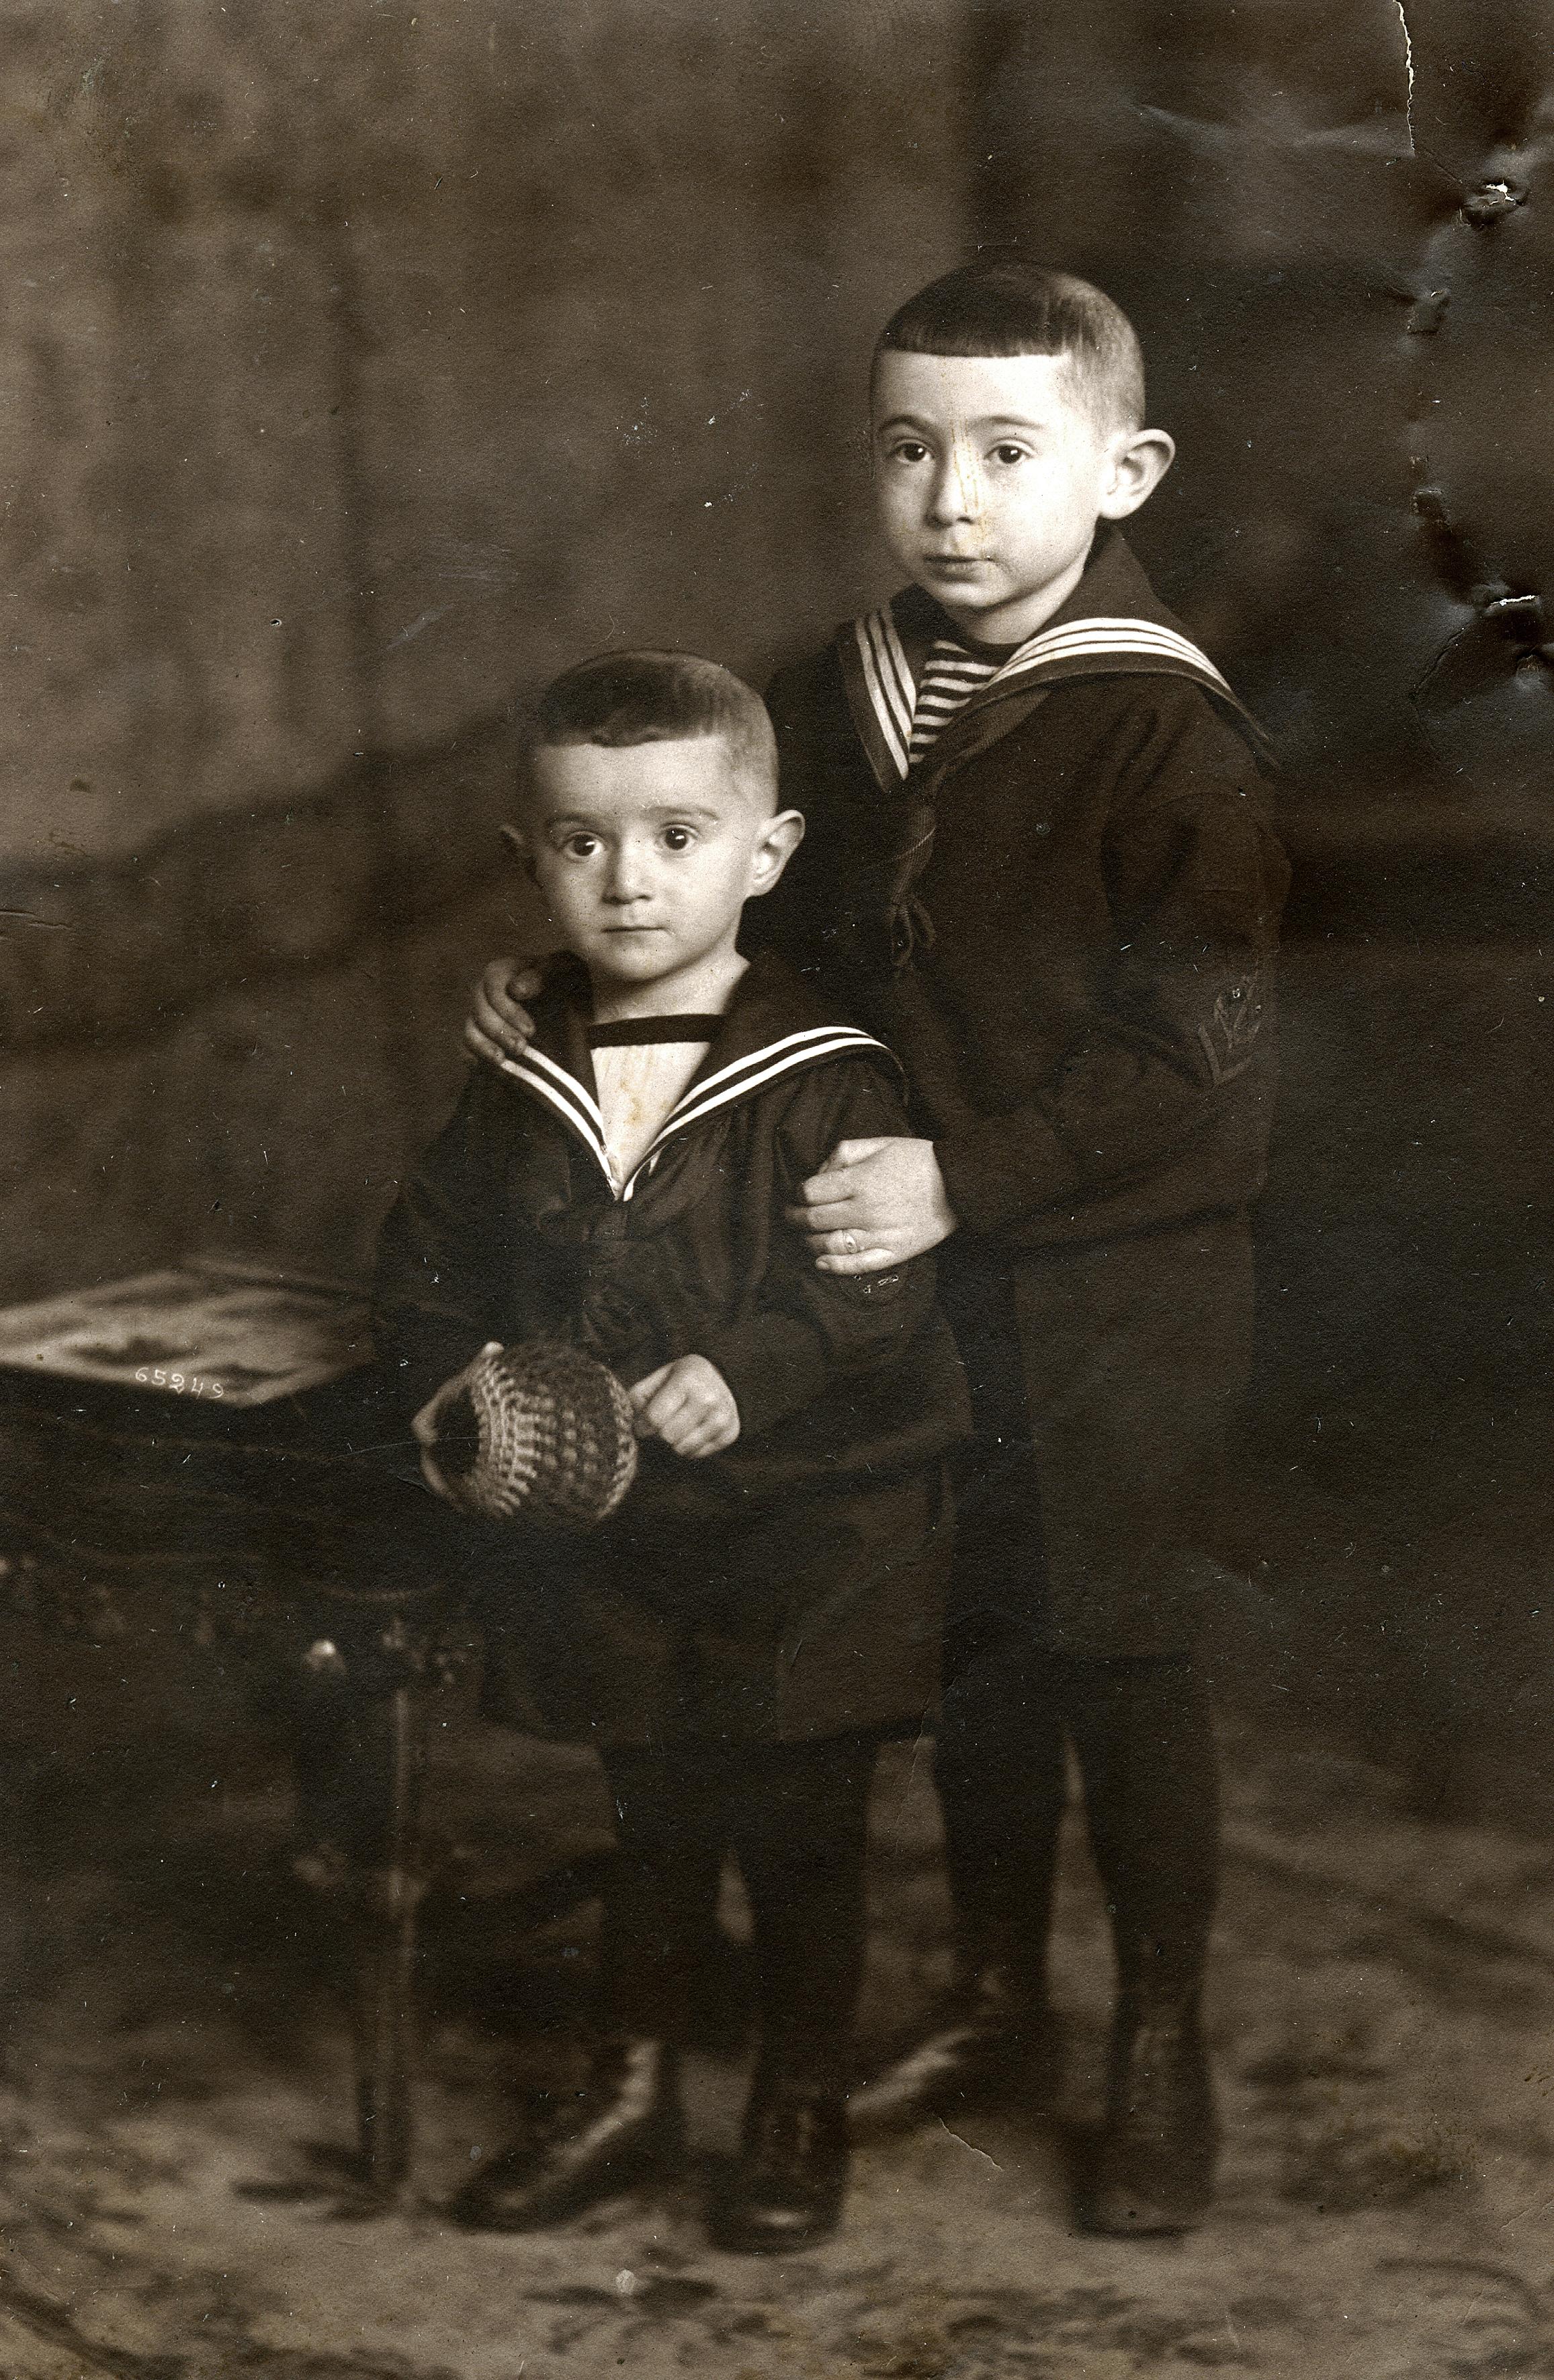 Herbert und sein Bruder Werner Lewin